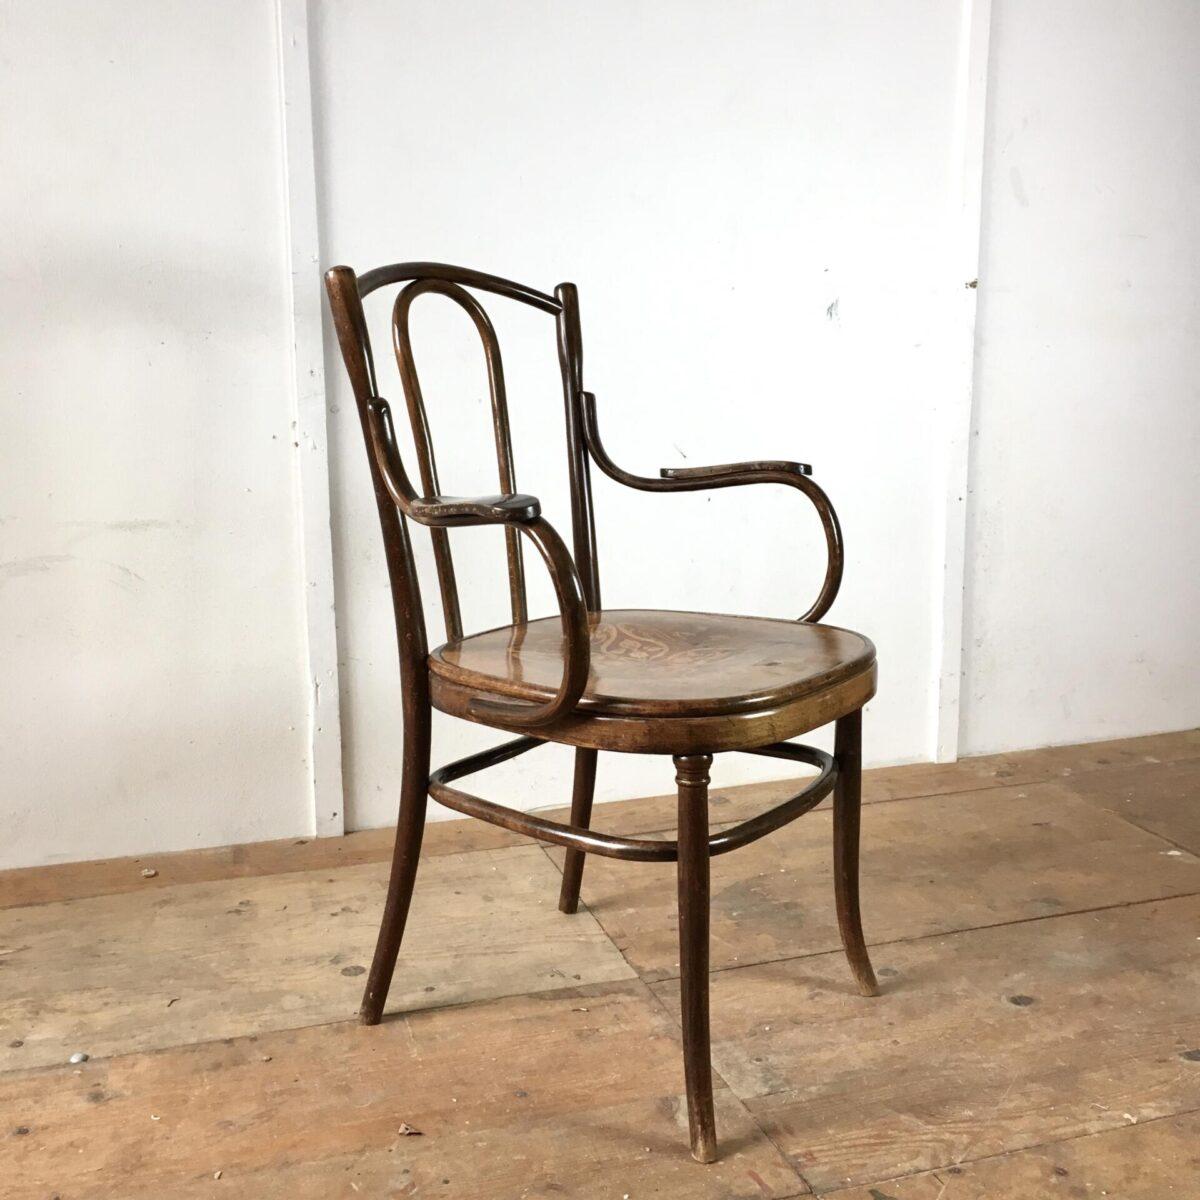 Wiener Armlehnstuhl von Fischel. Dunkelbraun gebeizte Buche mit Muster auf der Sitzfläche. Diverse bugholz Elemente.